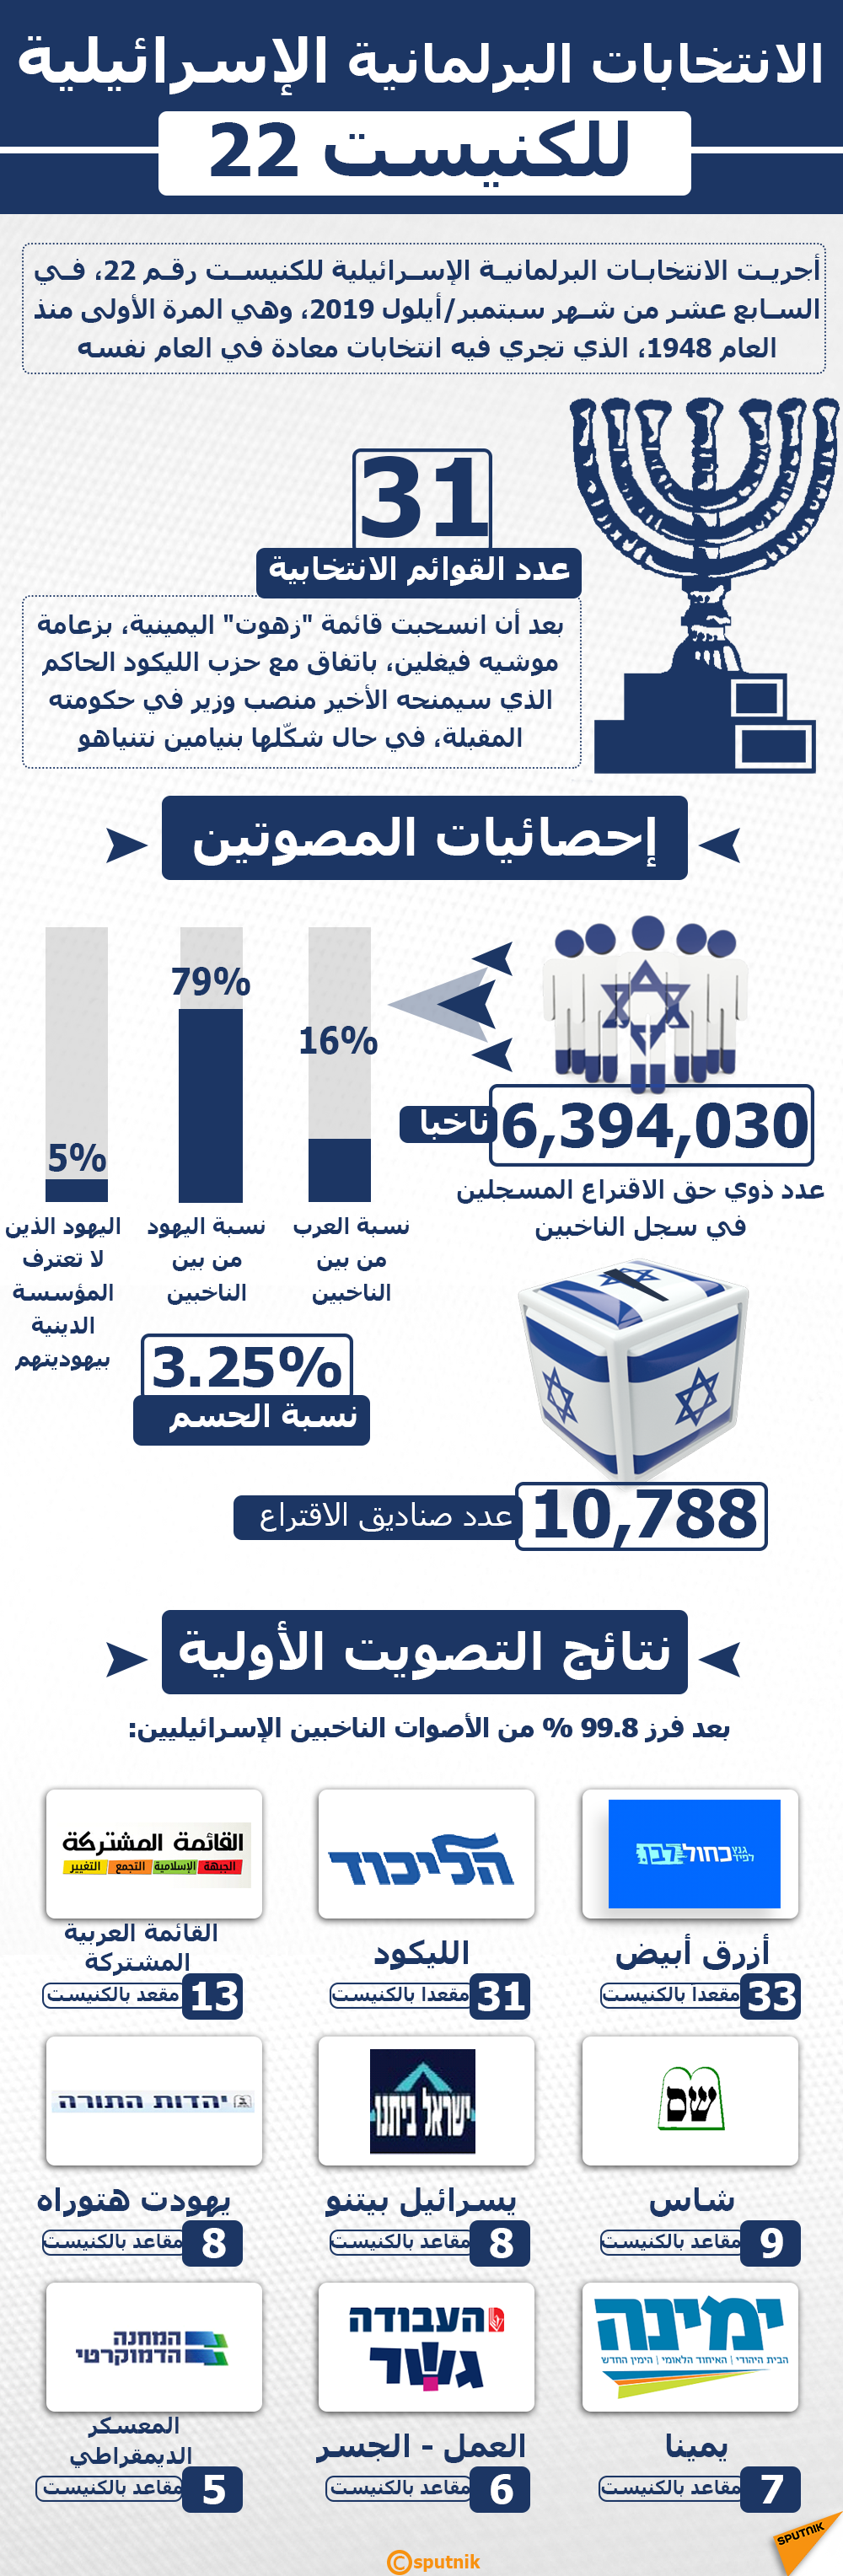 إنفوجرافيك - الانتخابات البرلمانية الإسرائيلية للكنيست رقم 22